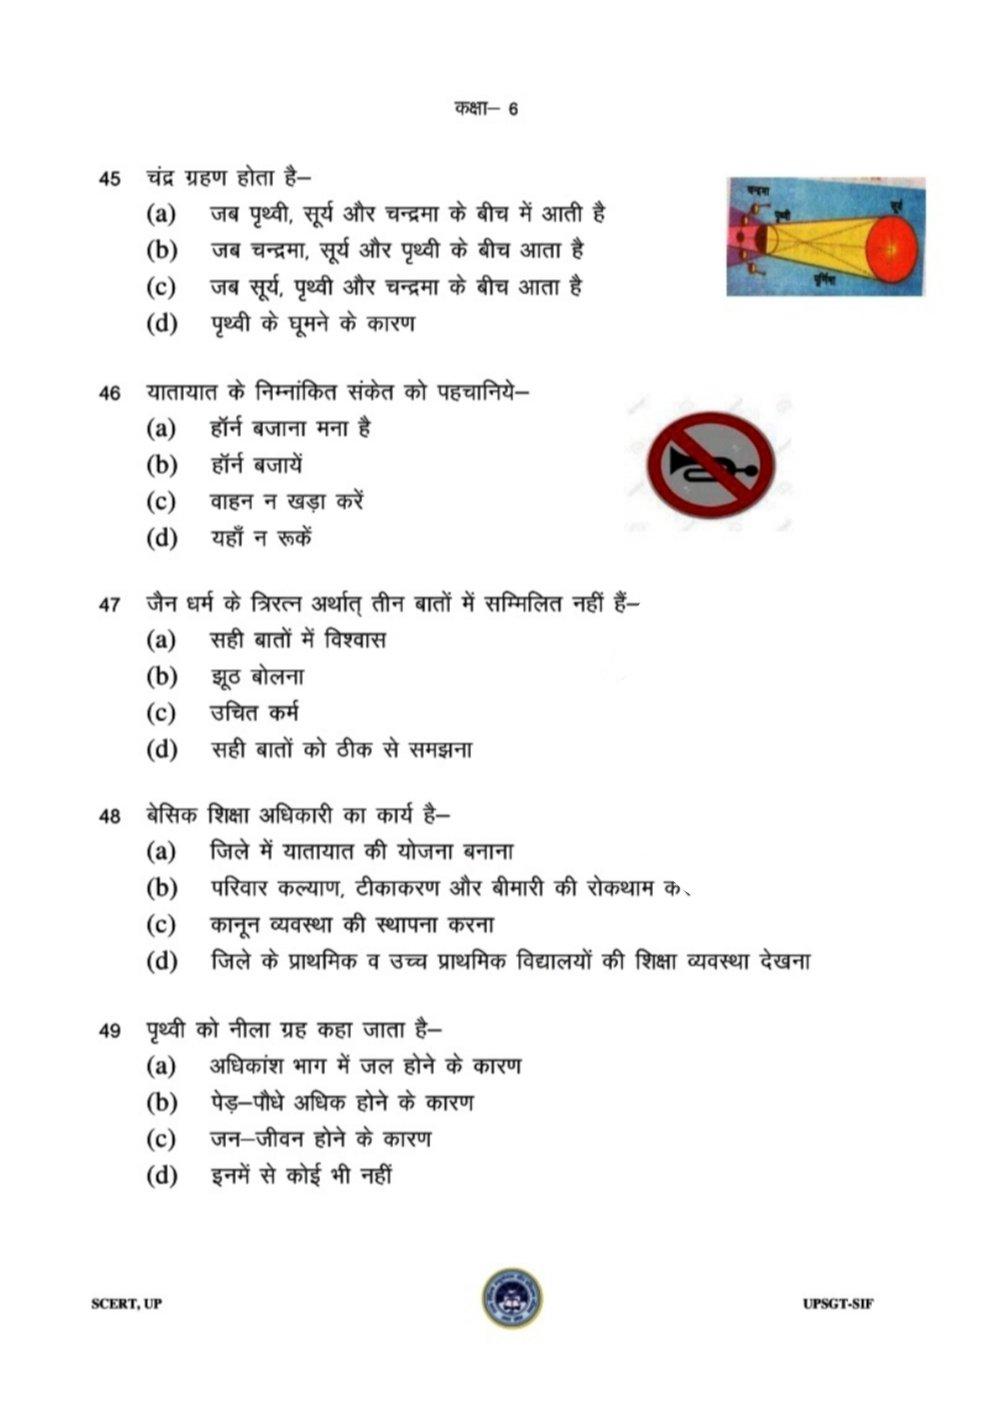 कक्षा 6 के प्रश्न पत्र का प्रारूप यहां से करें डाउनलोड -2